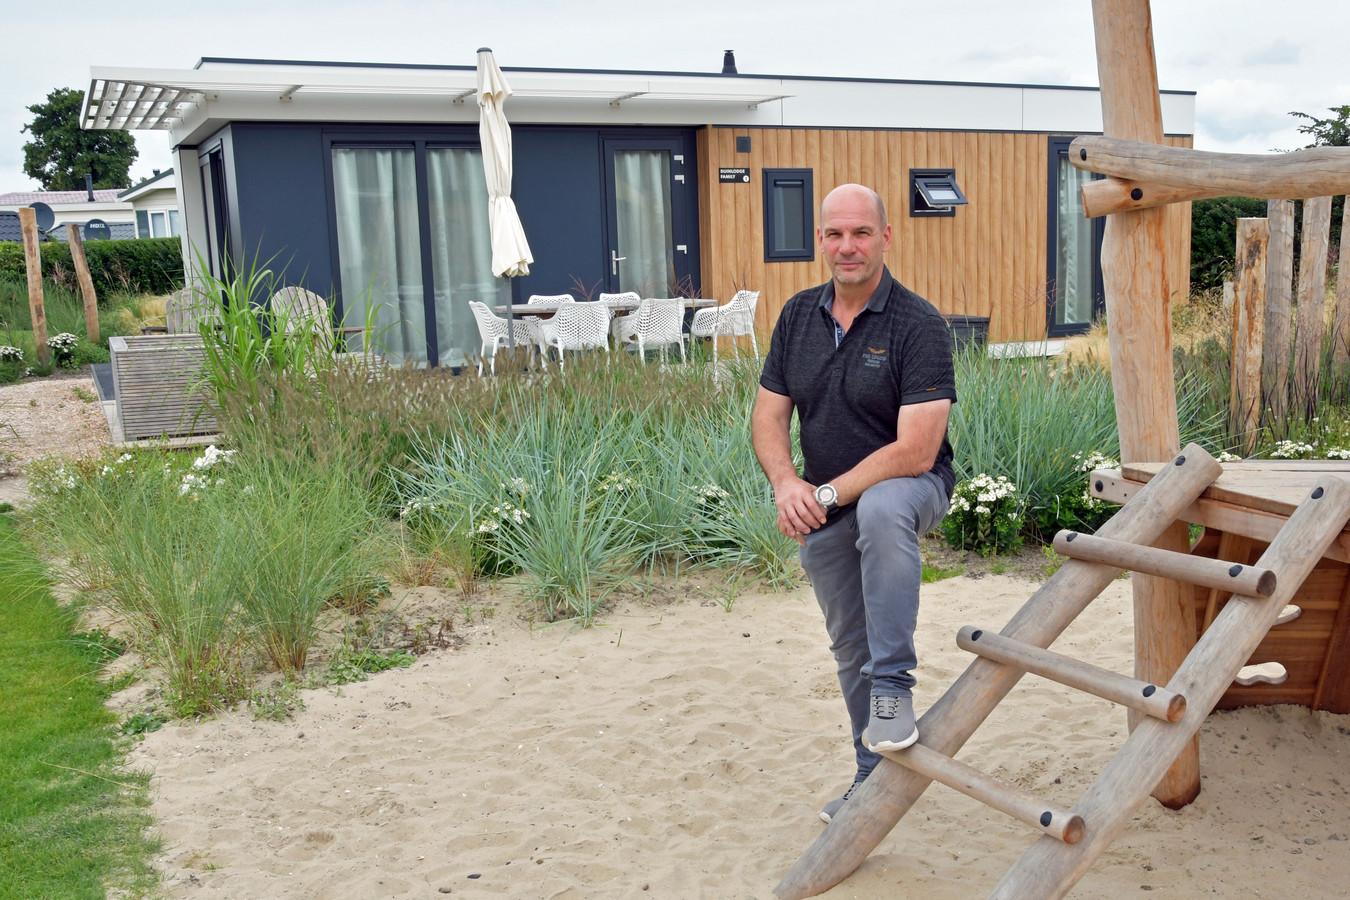 Parkmanager Wilco van Zoom van Zonneweelde bij een van de nieuwe chalets.